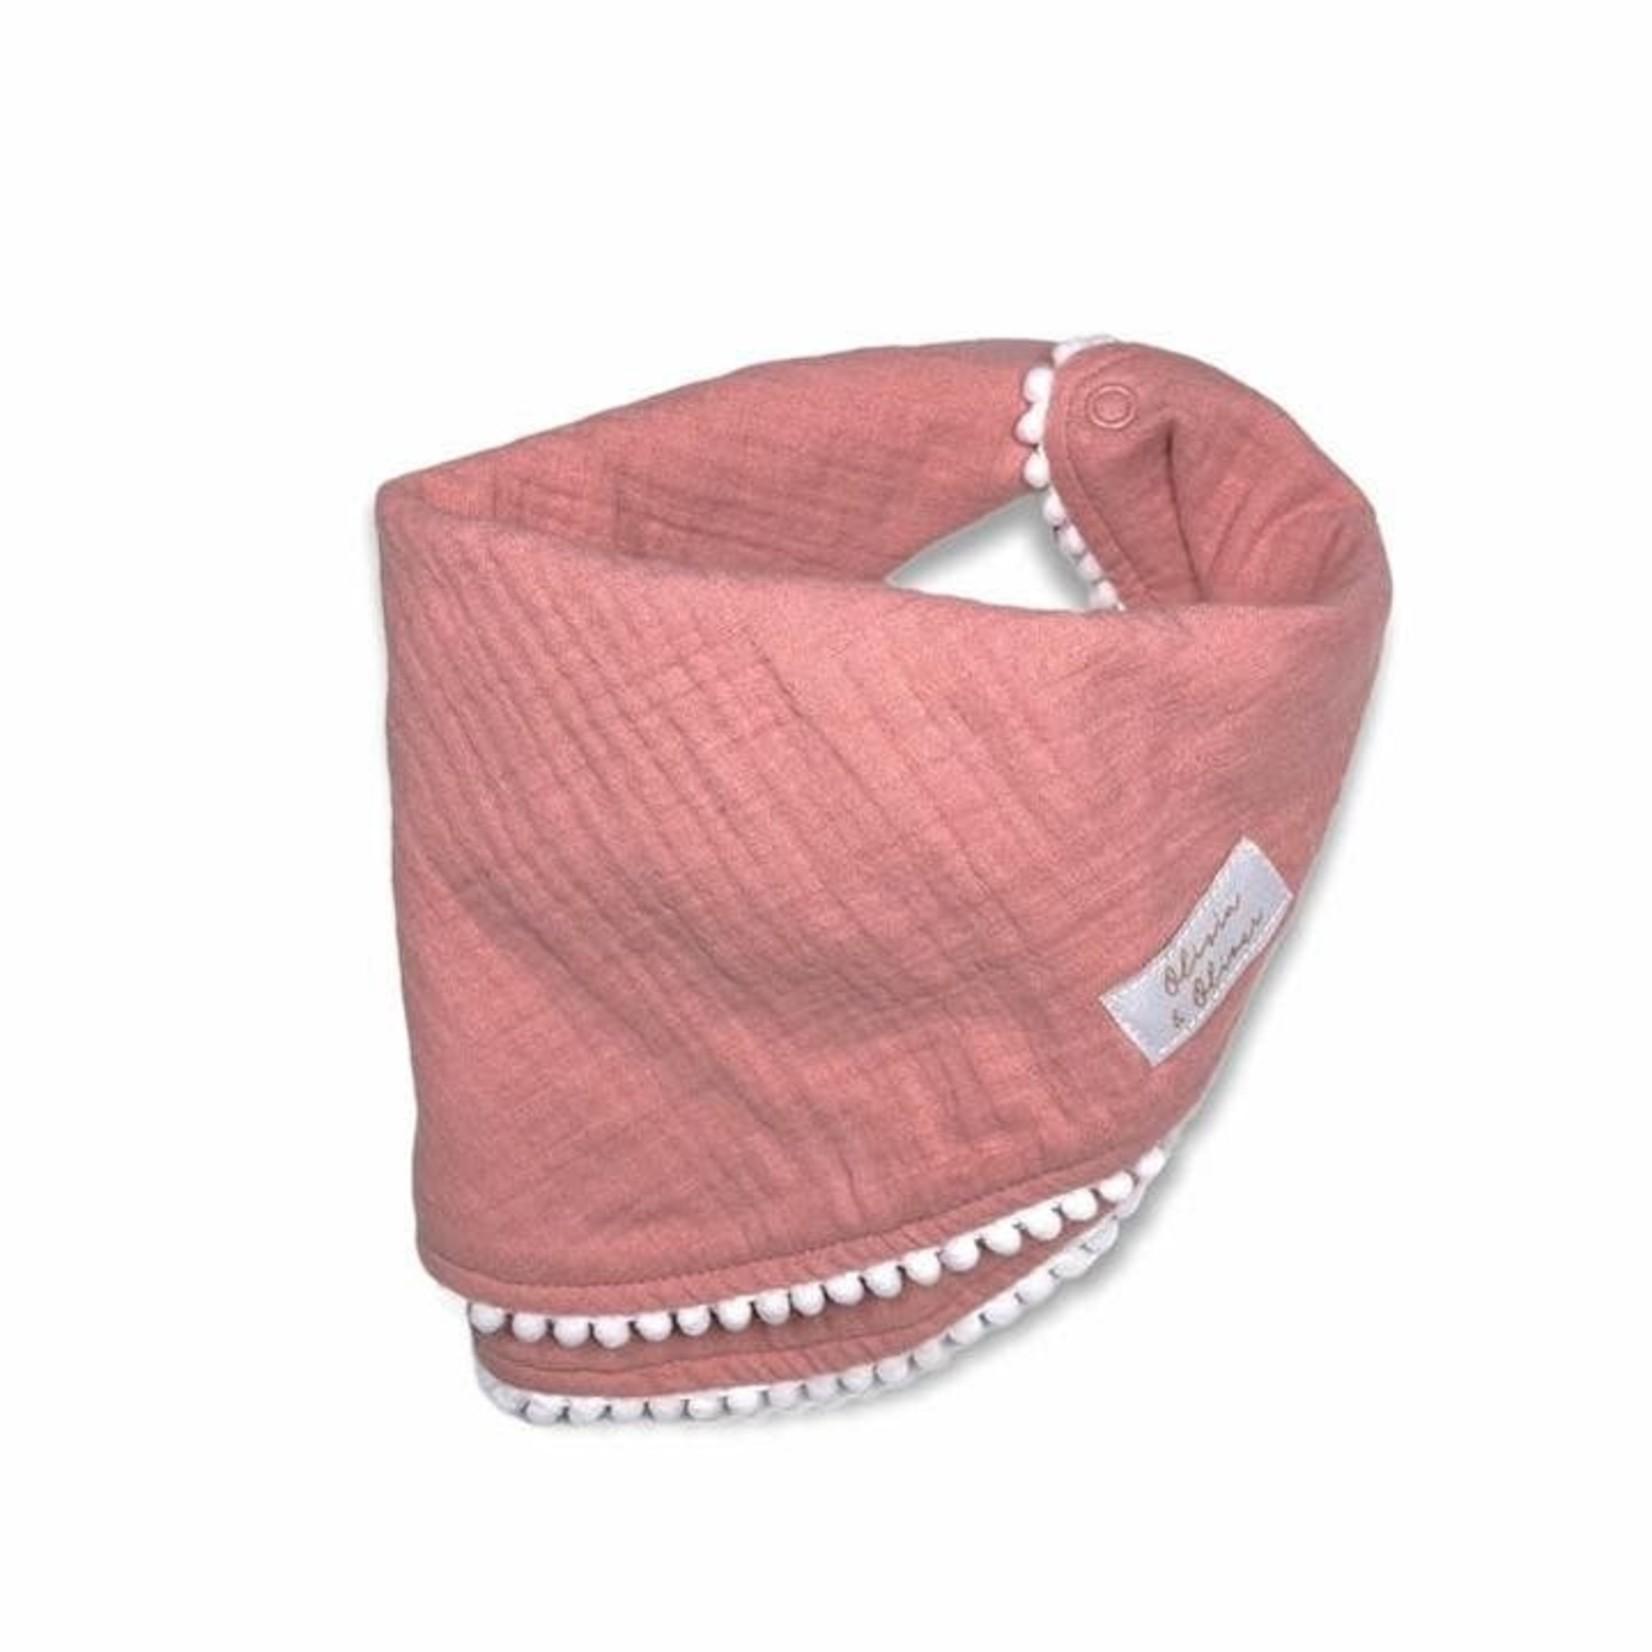 Bandana Roze met bolletjes